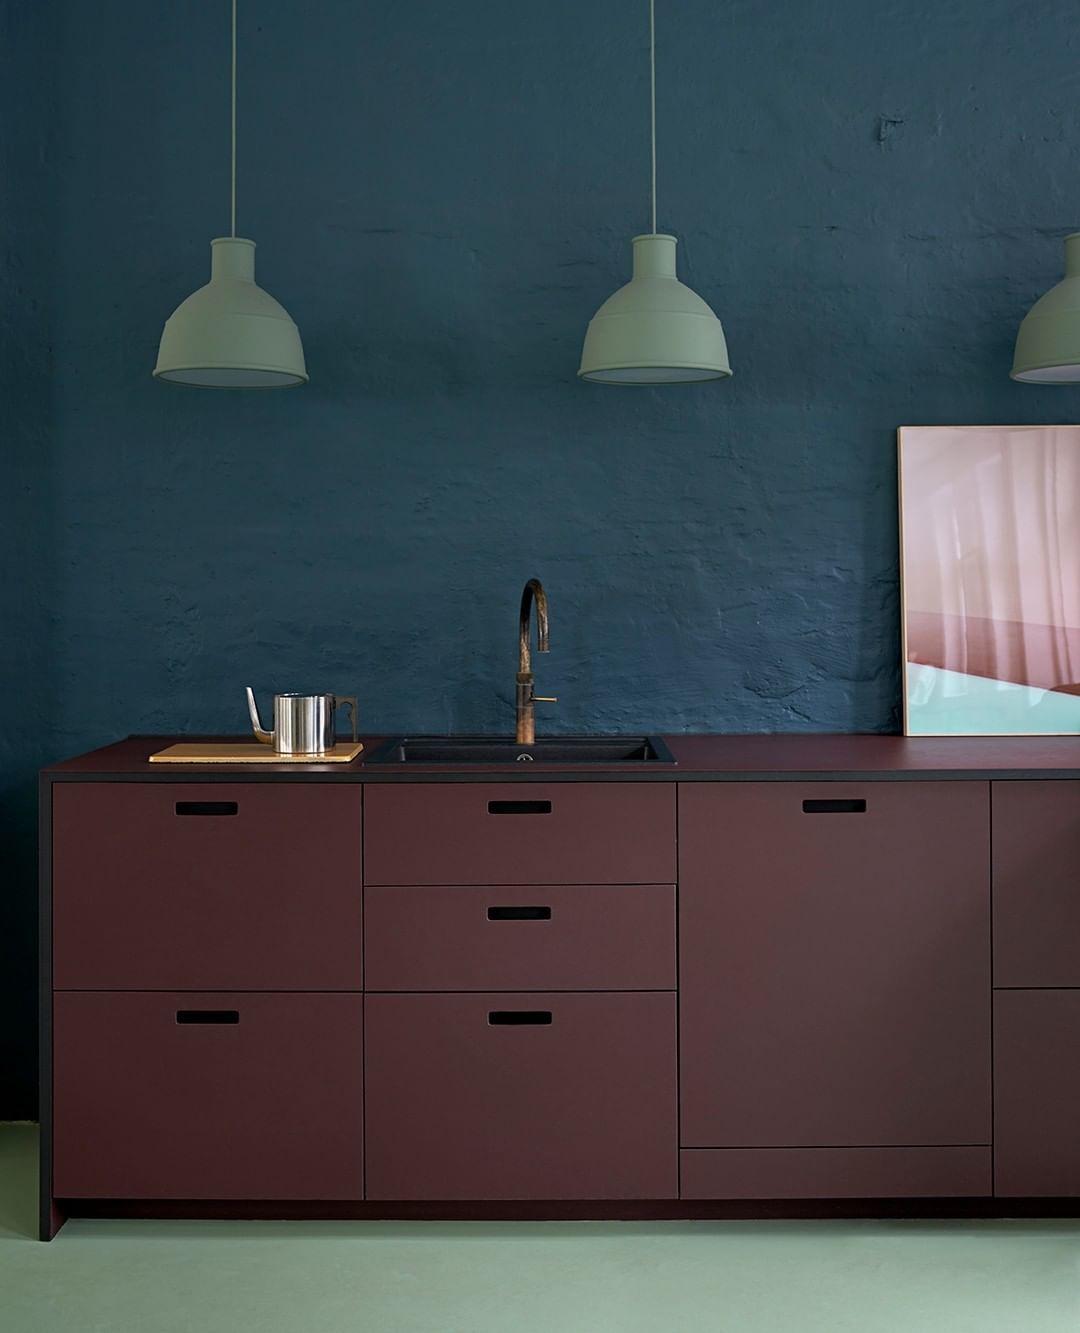 Je kunt je Ikea keuken hacken - Lauriekoek